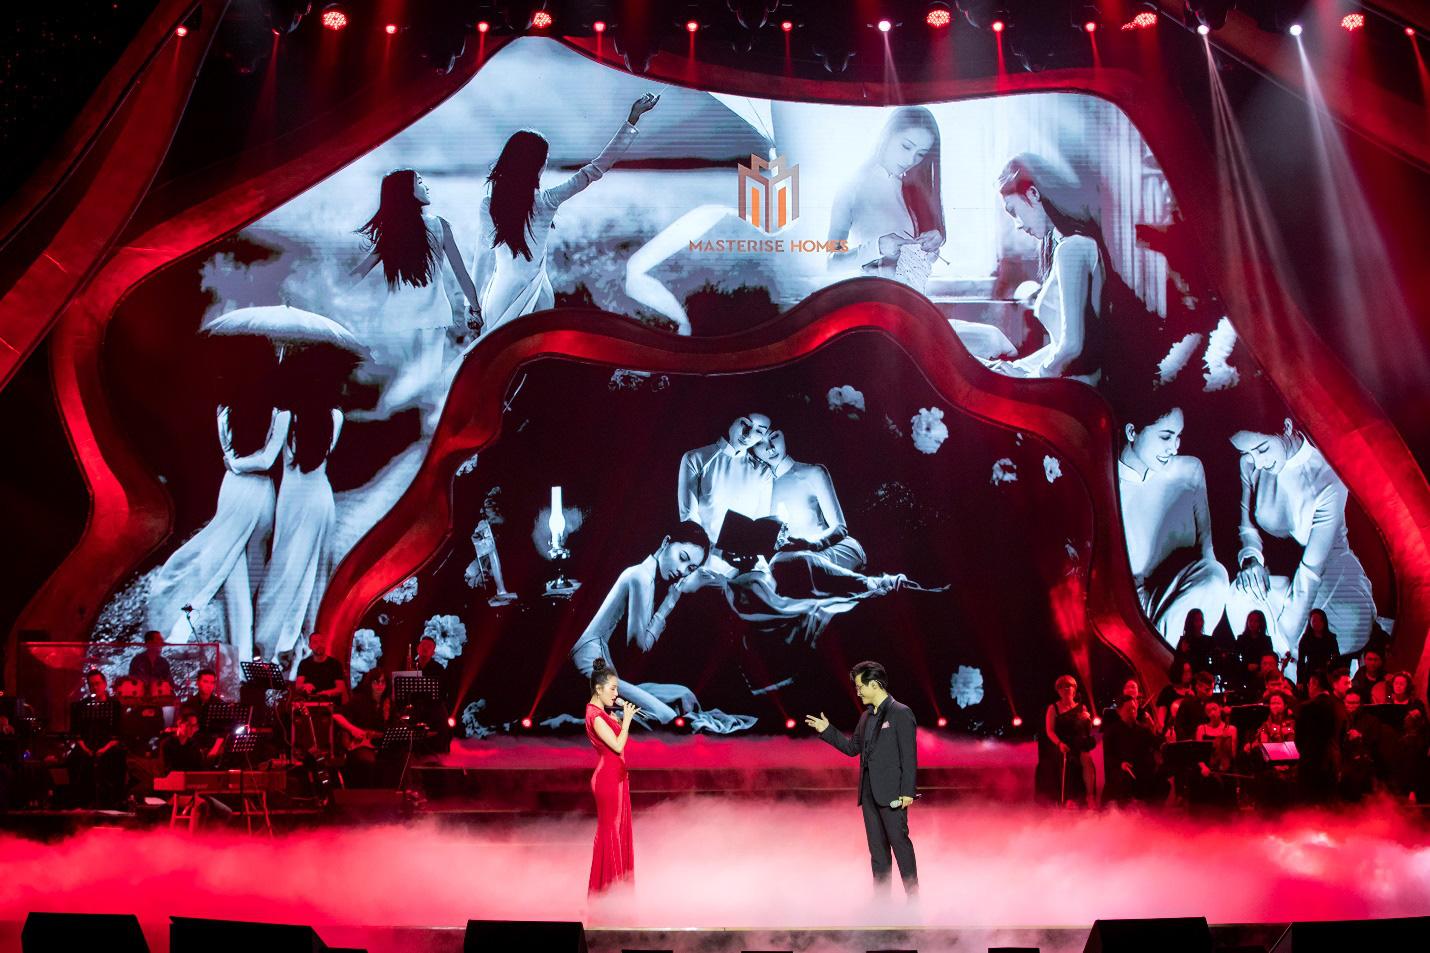 The Master Of Symphony 2019 chinh phục khán giả với các tiết mục trình diễn đỉnh cao và ấn tượng - Ảnh 3.